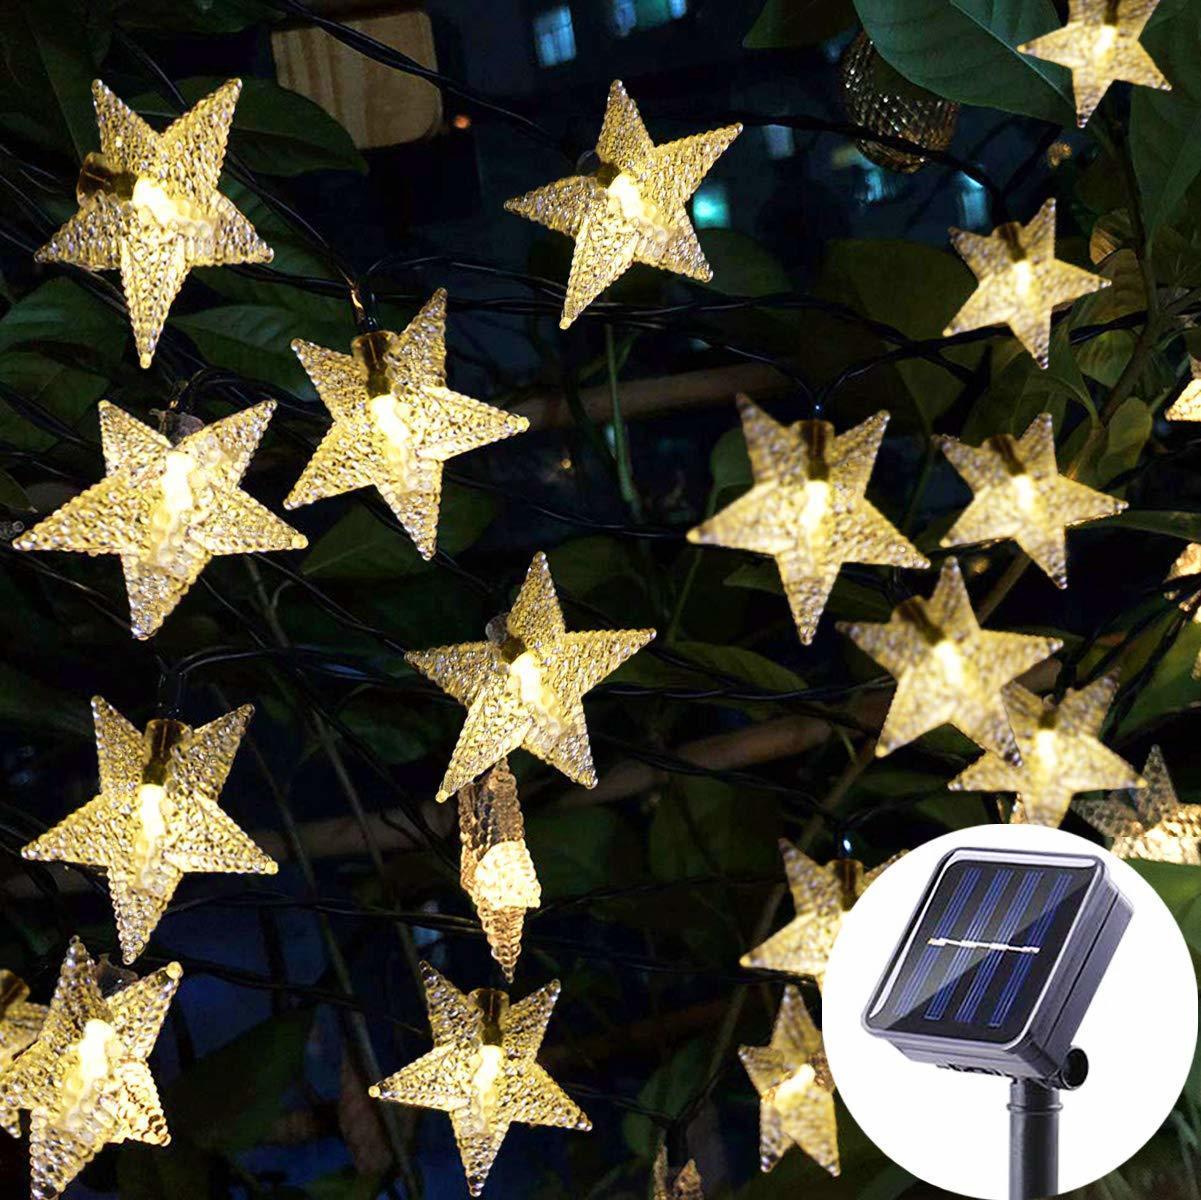 5m 20leds 태양 광 조명 별 / 꿀벌 / 공 야외 정원 라이트 크리스마스 파티 장식 정원 갈 랜드 태양 광 조명